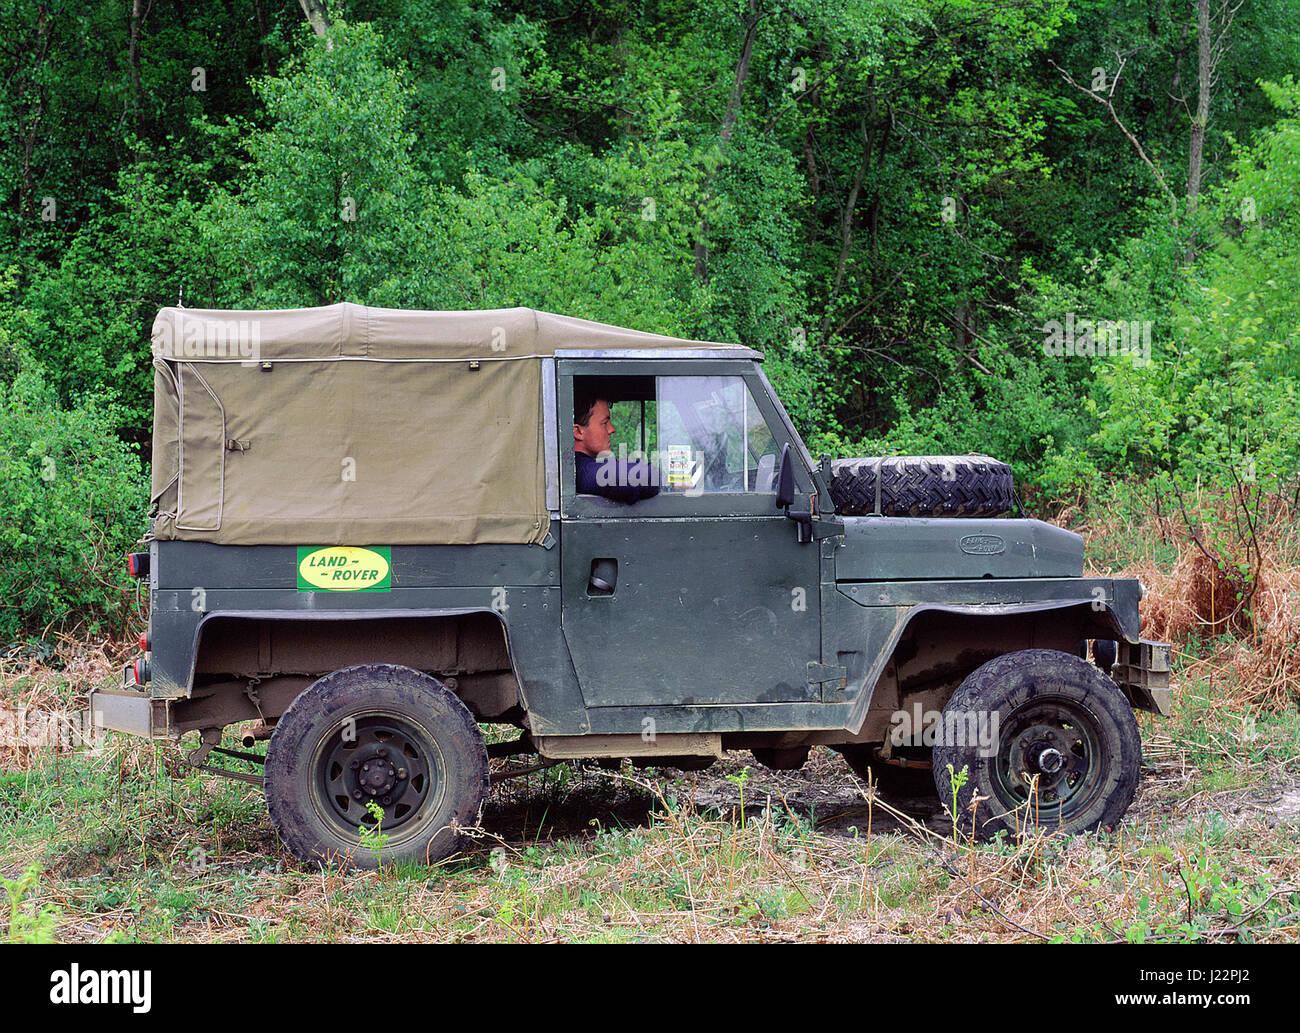 1974 Land Rover militärischen Leichtgewicht Stockbild